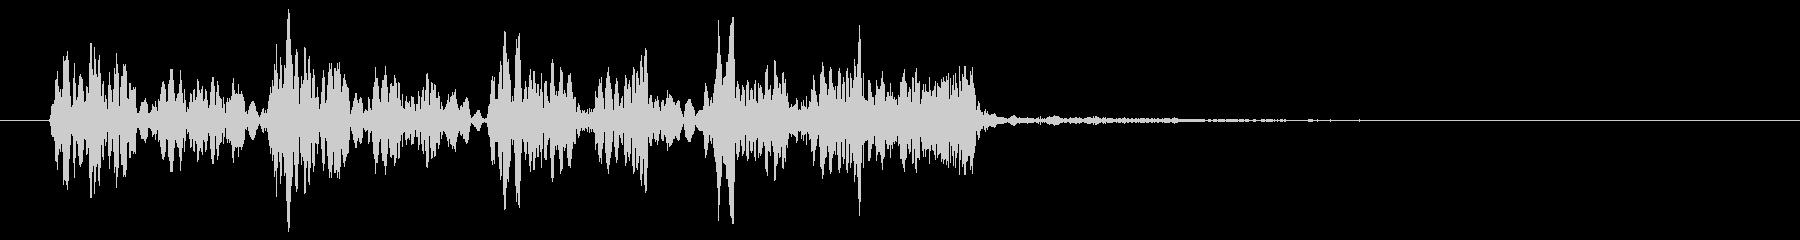 音楽効果;レコードスクラッチサウン...の未再生の波形